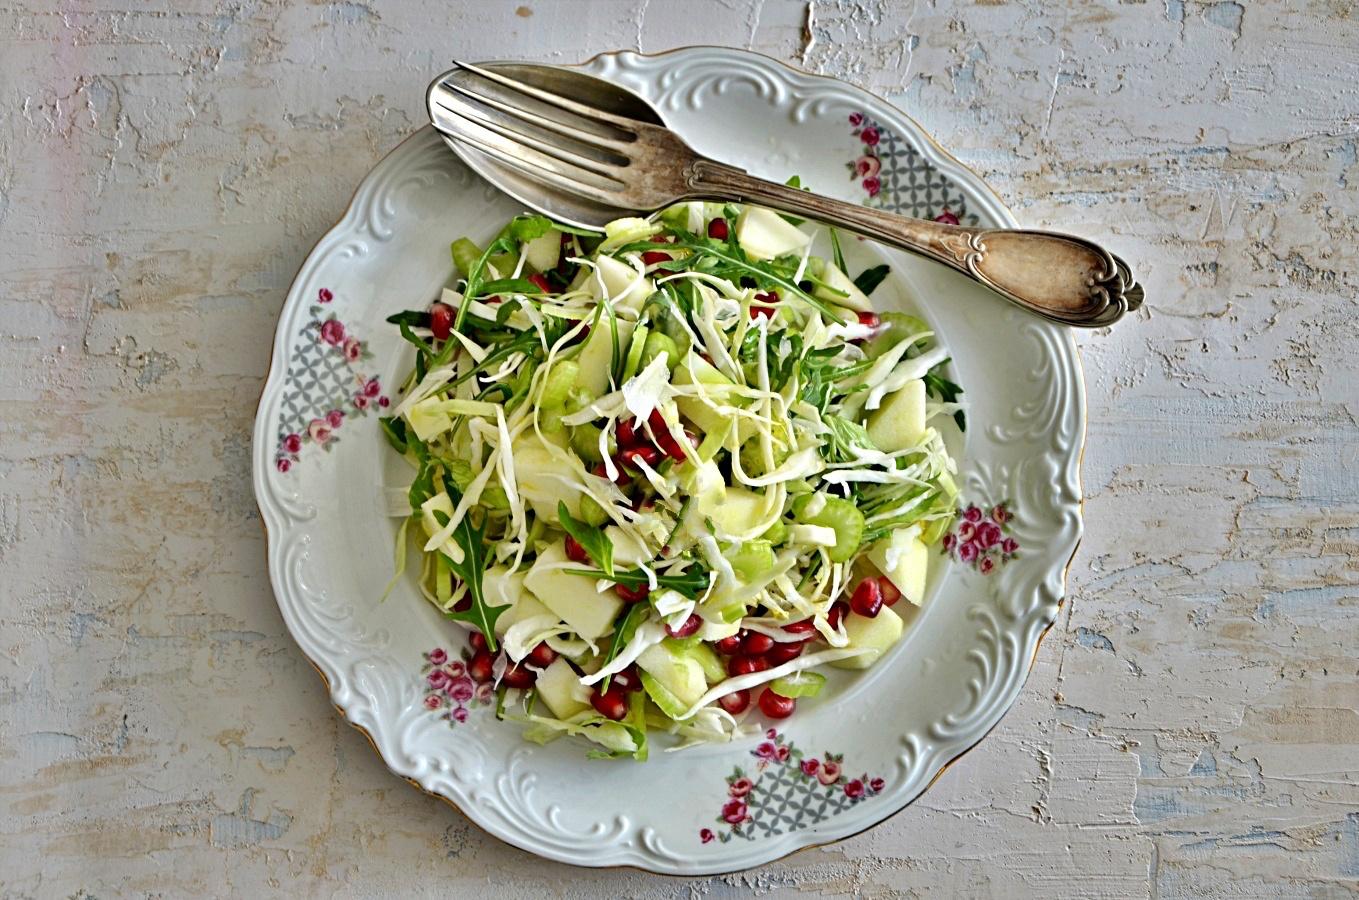 Gemischter Salat mit Granatapfel und grünem Apfel